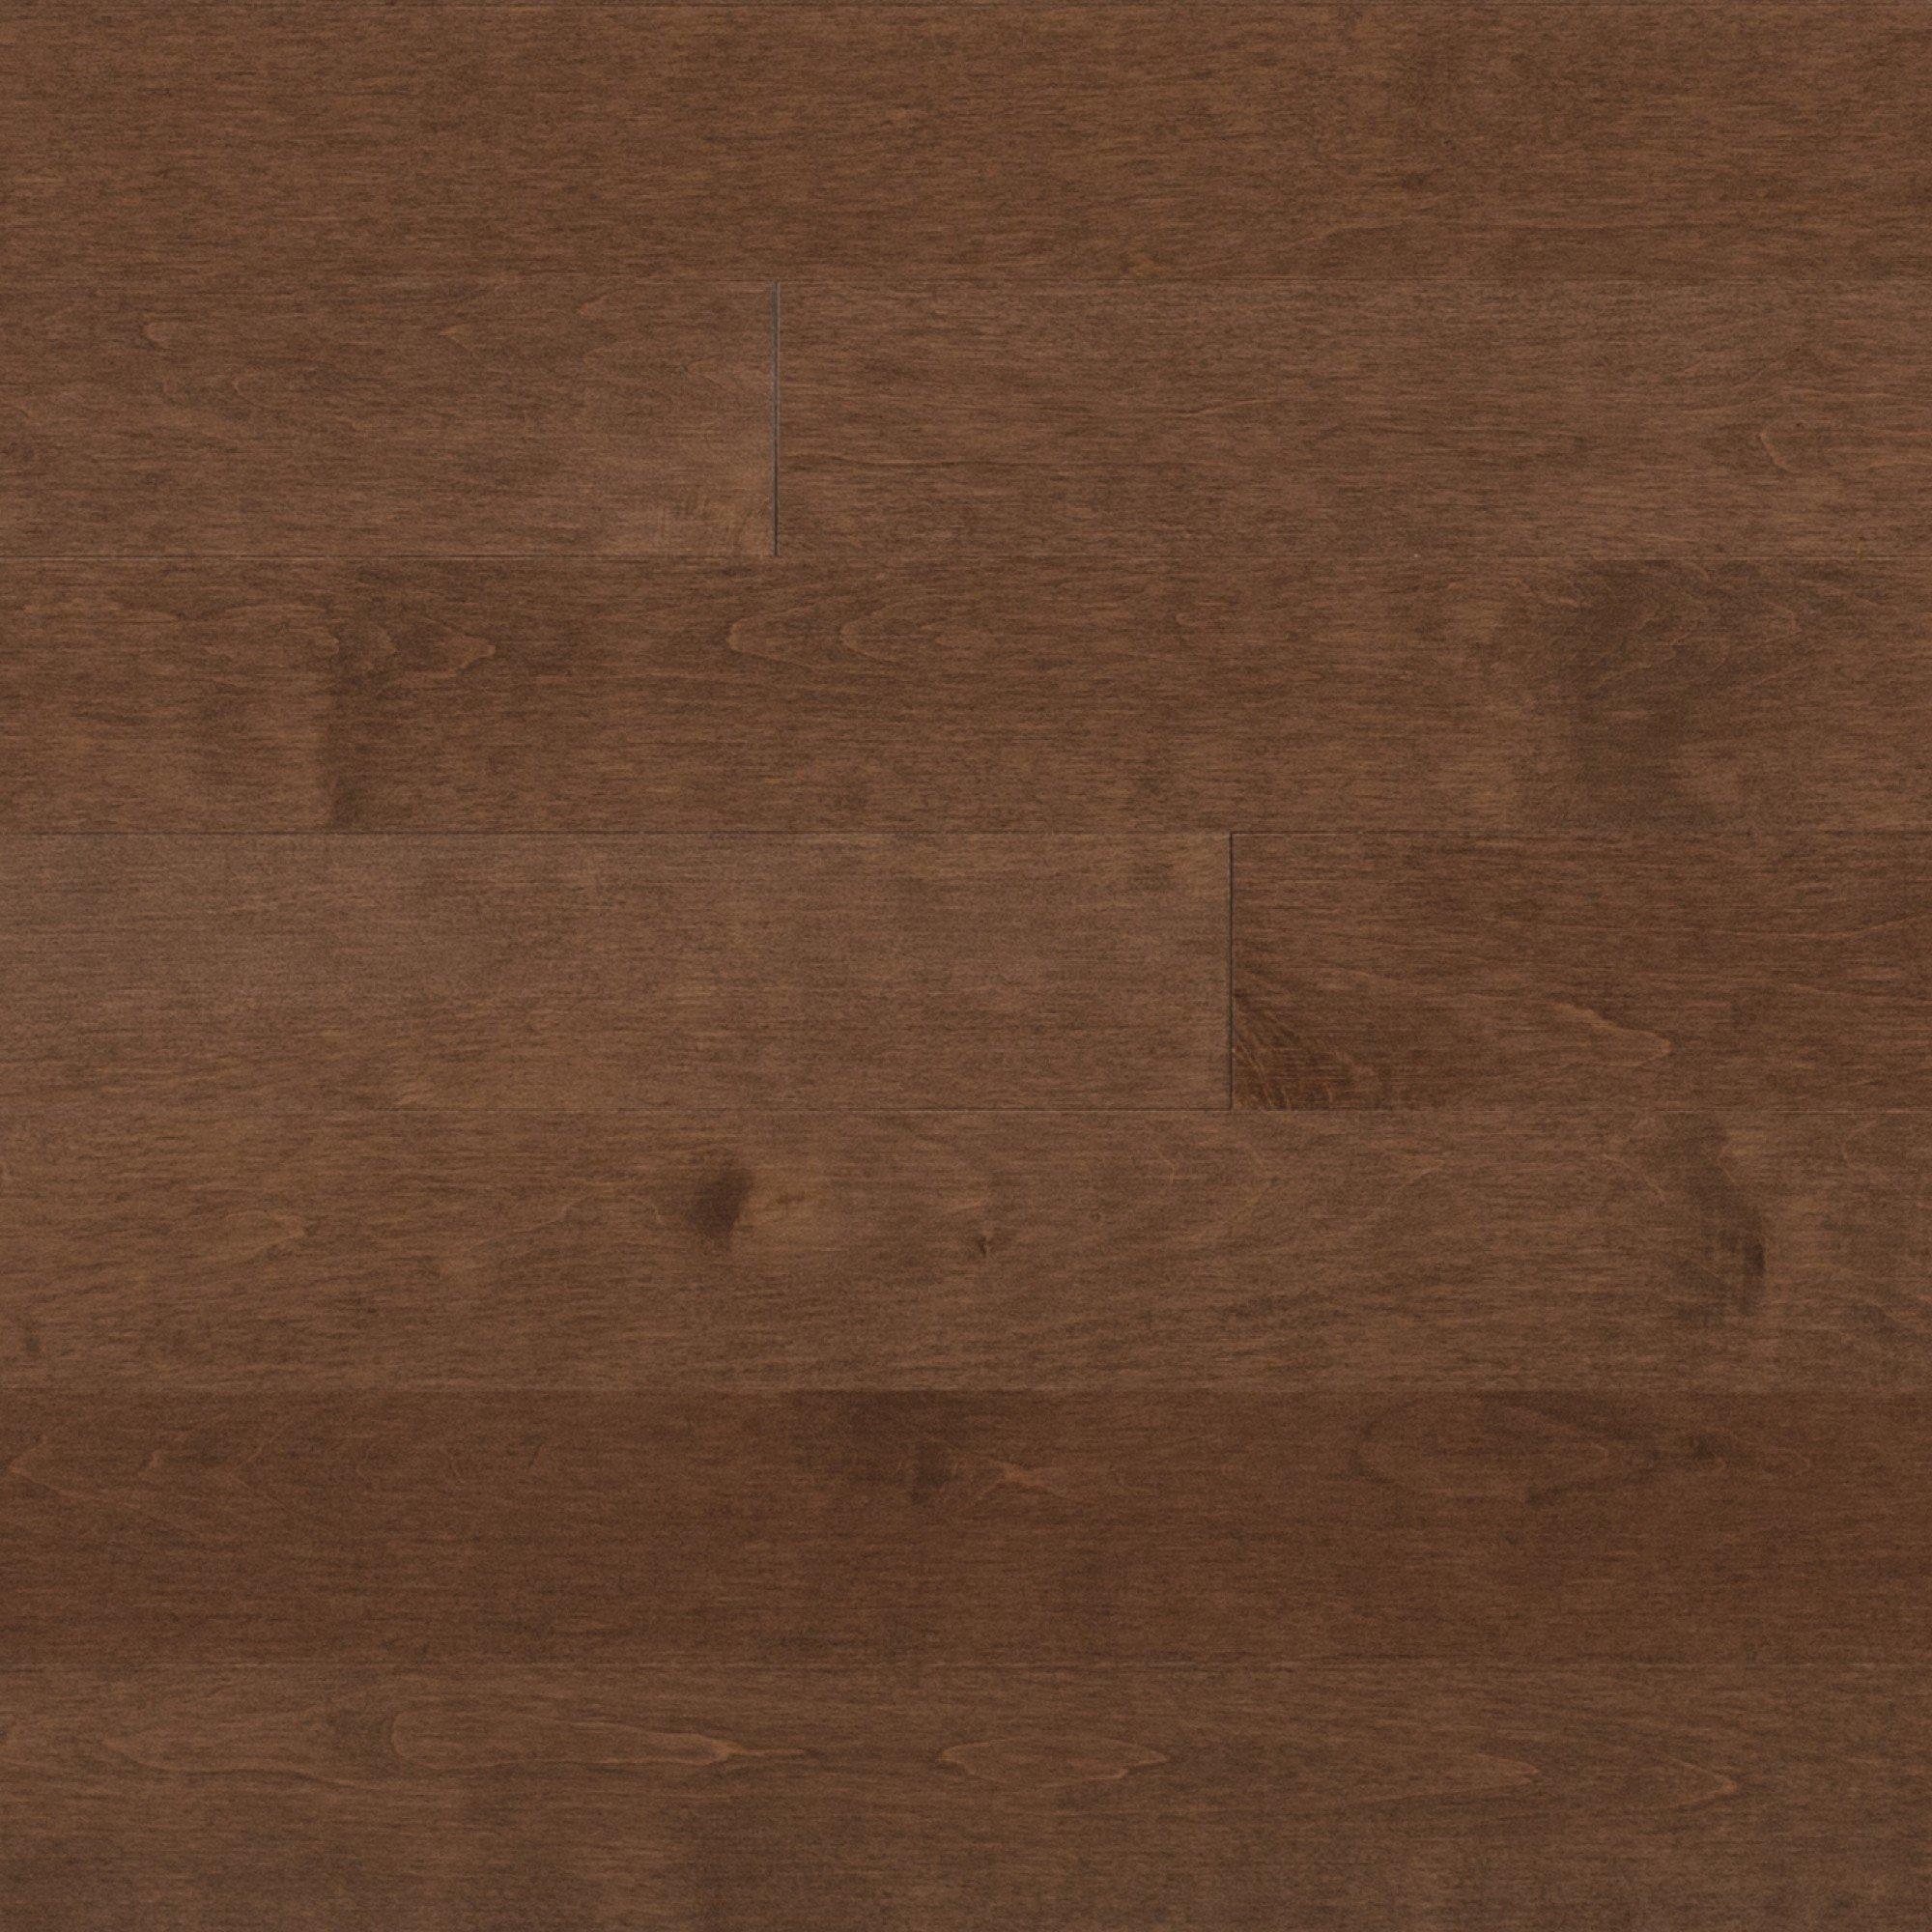 Maple North Hatley Exclusive Smooth - Floor image